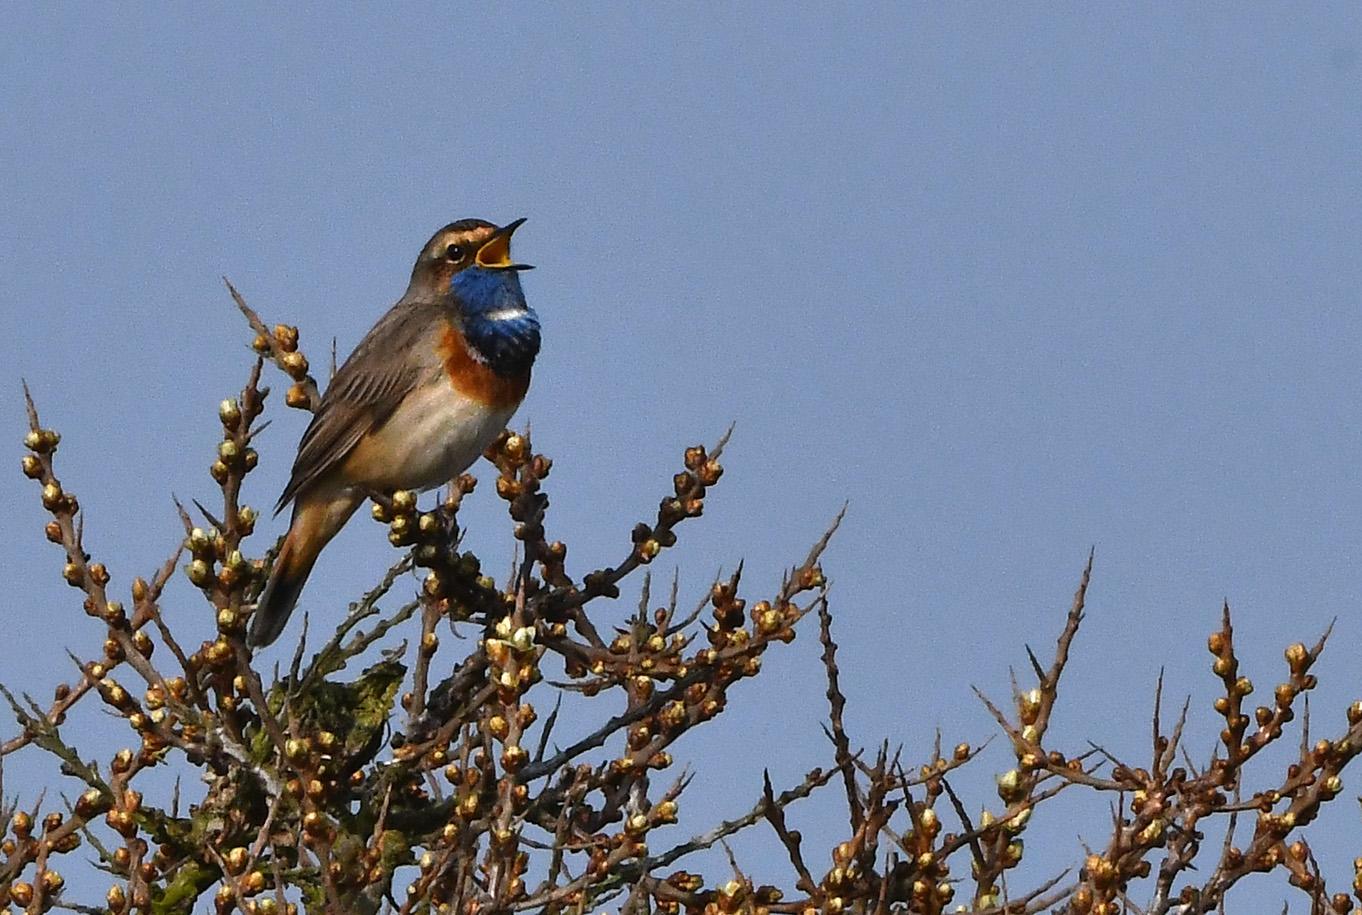 De prachtige vogel zingt - letterlijk en figuurlijk - uit volle borst – Foto: ©Louis Fraanje